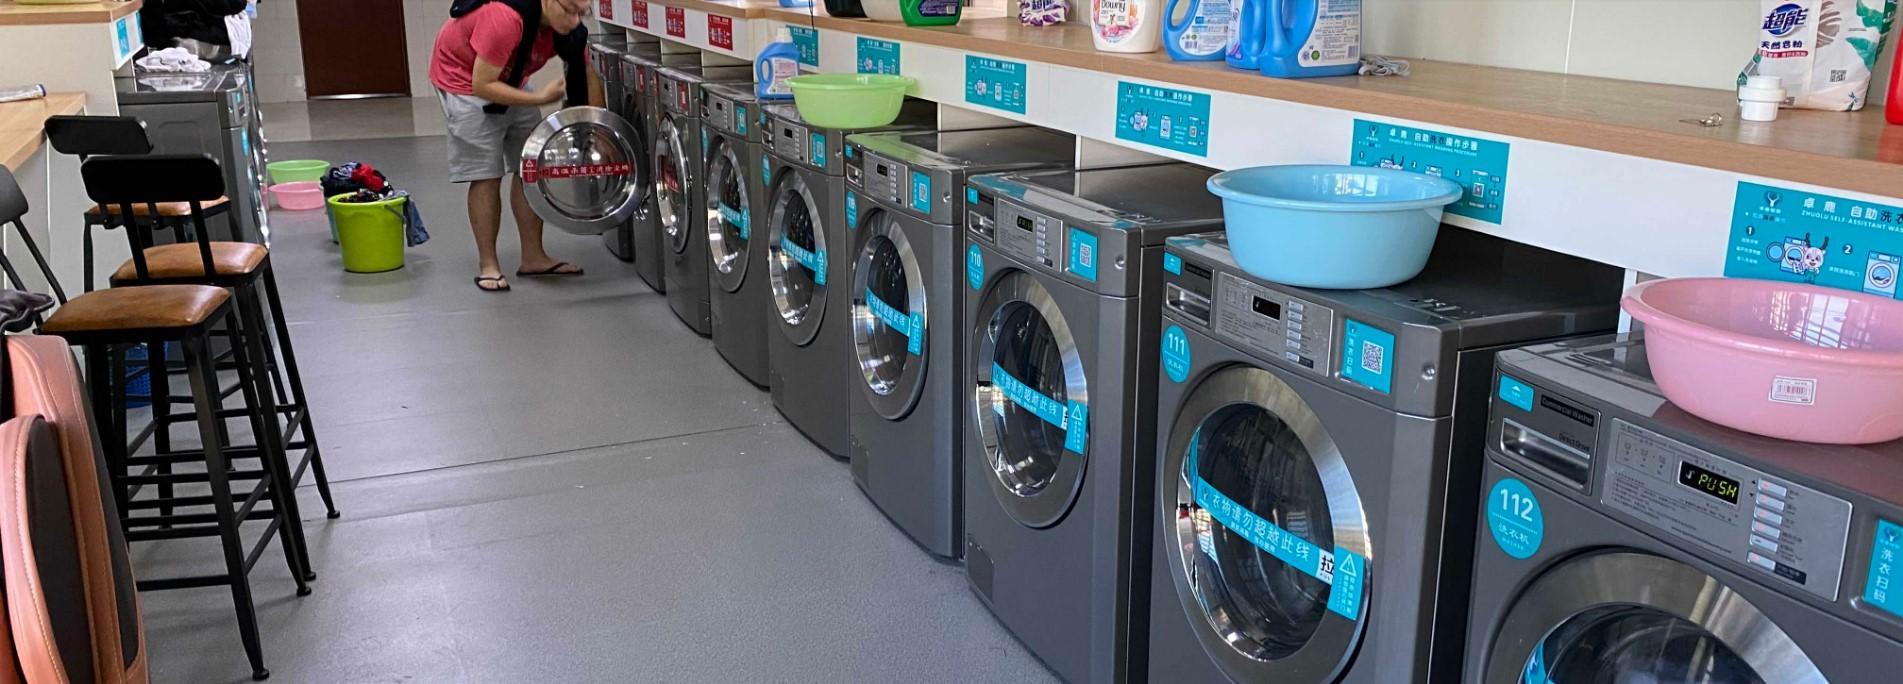 校园自助洗衣——你的衣服真的洗干净了么?